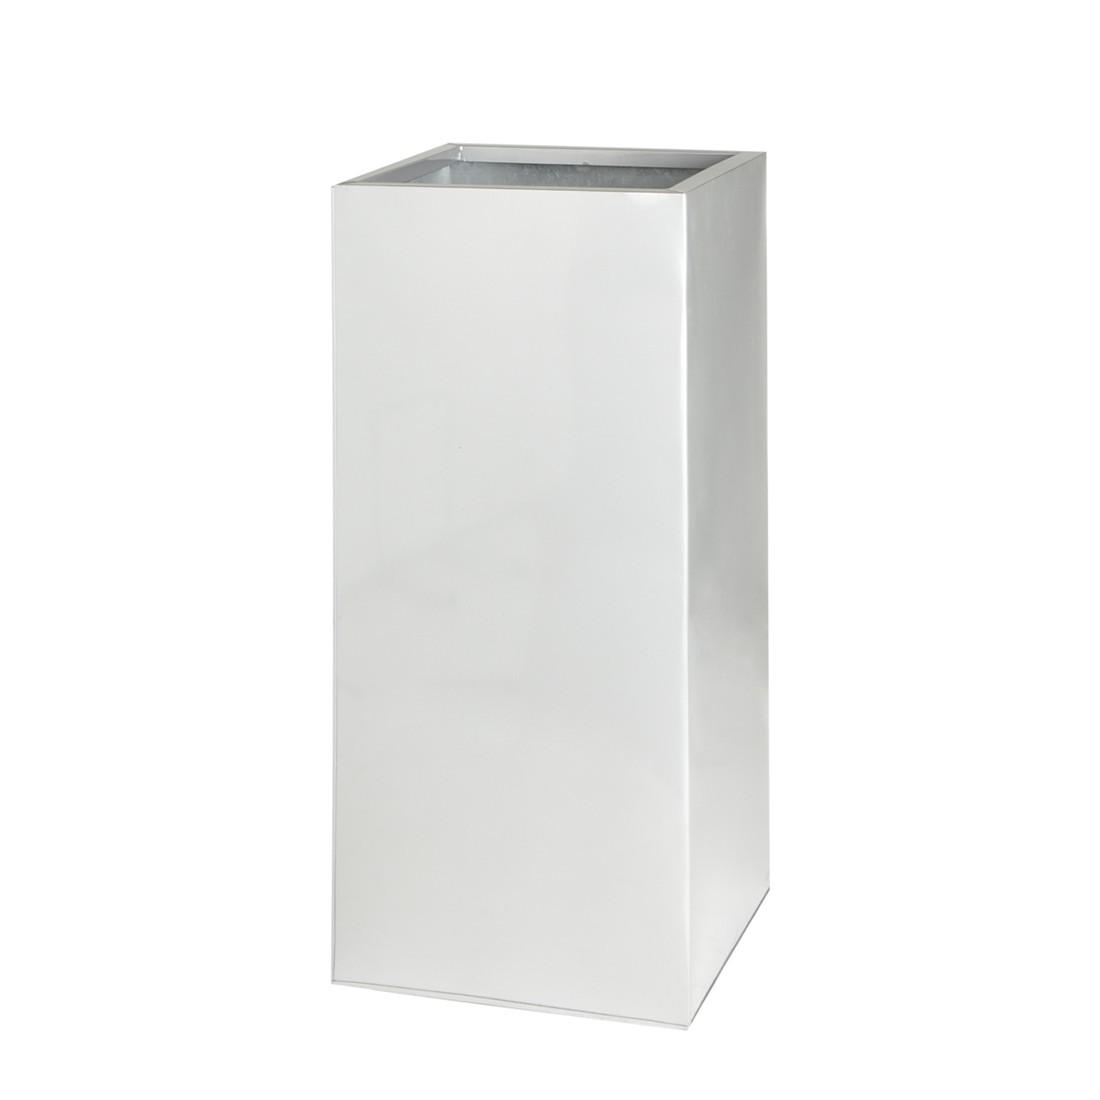 Pflanzkübel – 28 x 28 x 60 cm – Verzinkt – Silberfarben, Gartenfreude bestellen